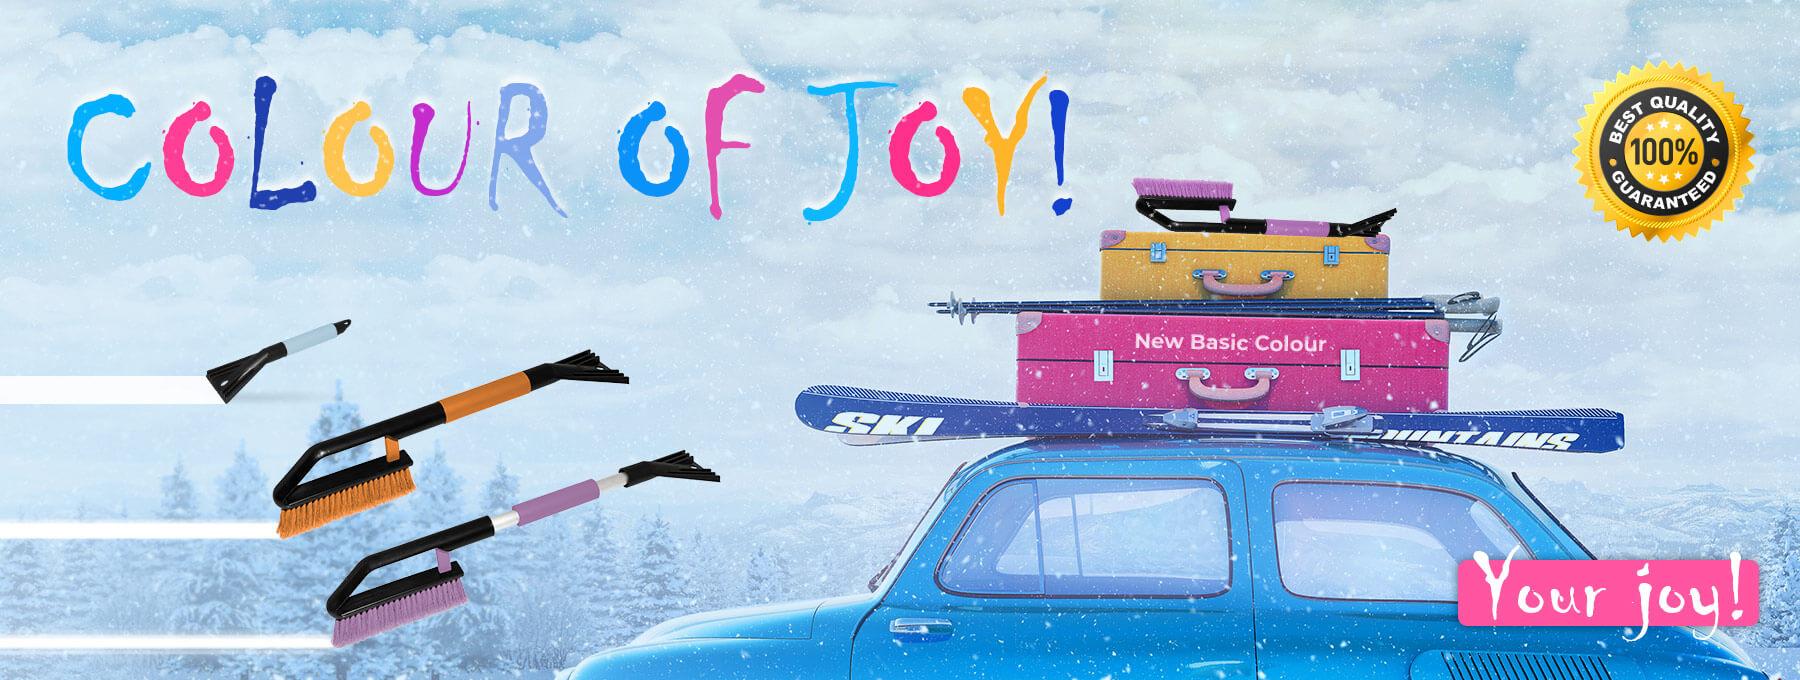 Color of Joy